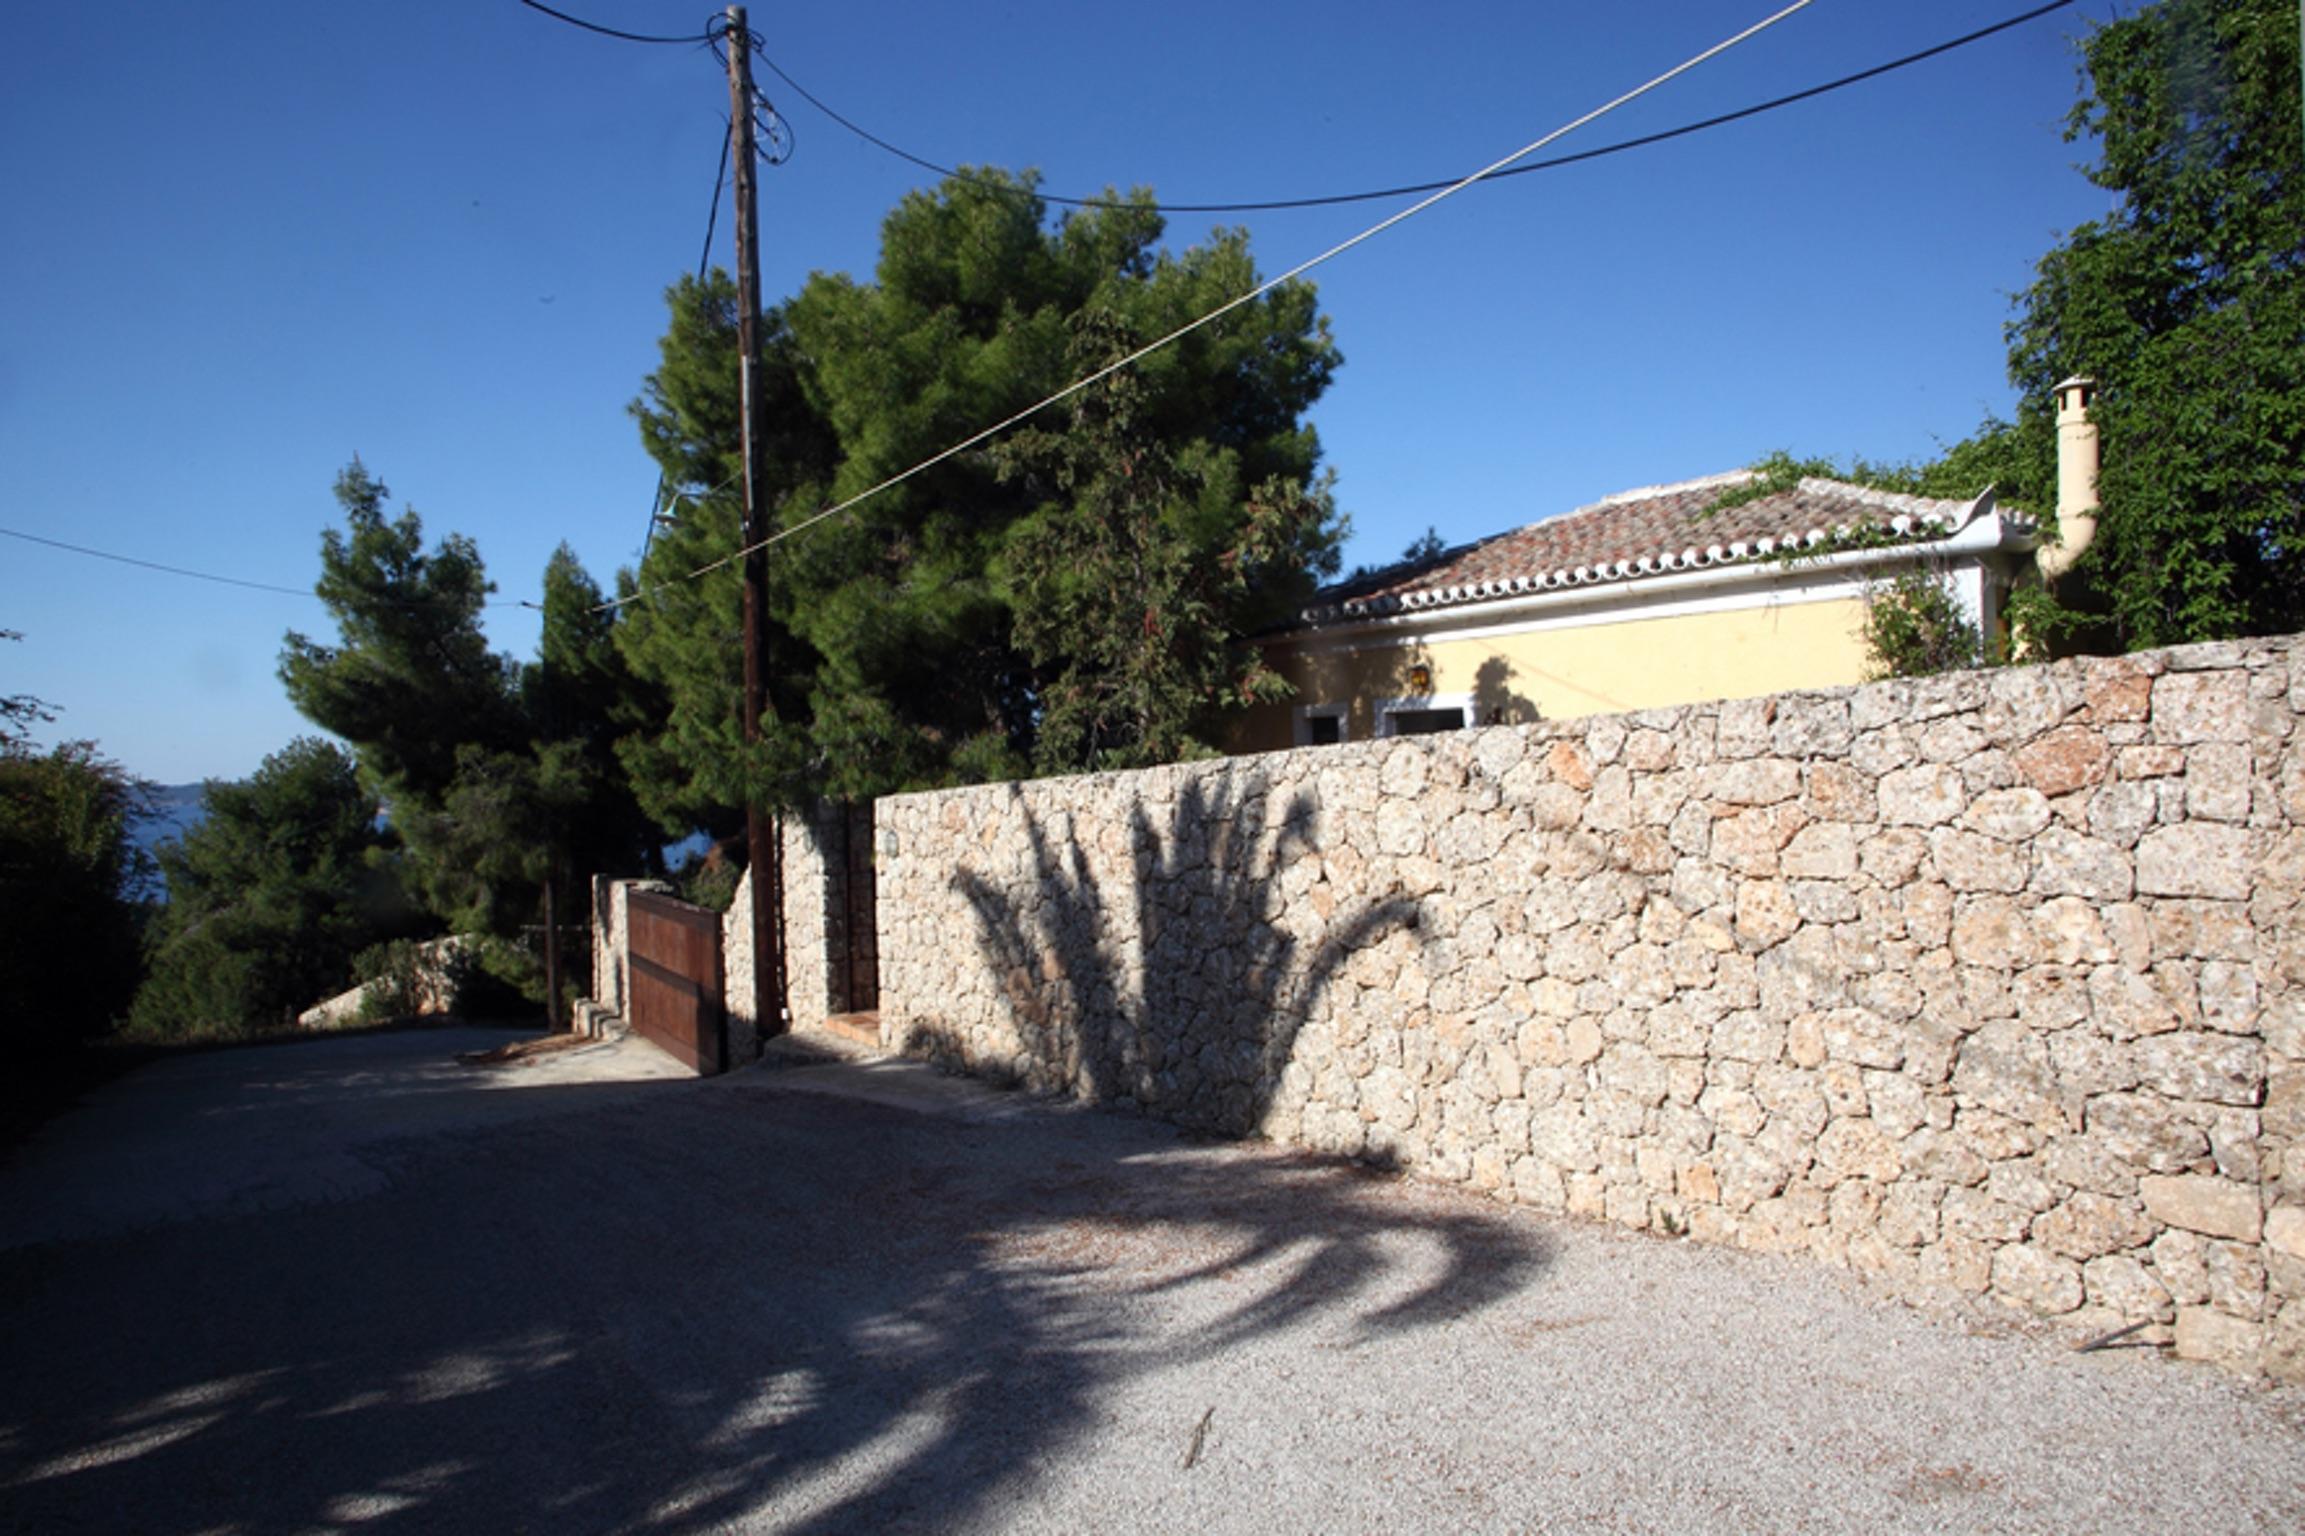 Ferienhaus Villa mit 4 Zimmern in Kosta mit herrlichem Meerblick, privatem Pool, eingezäuntem Garten  (2271451), Kosta (GR), , Peloponnes, Griechenland, Bild 20